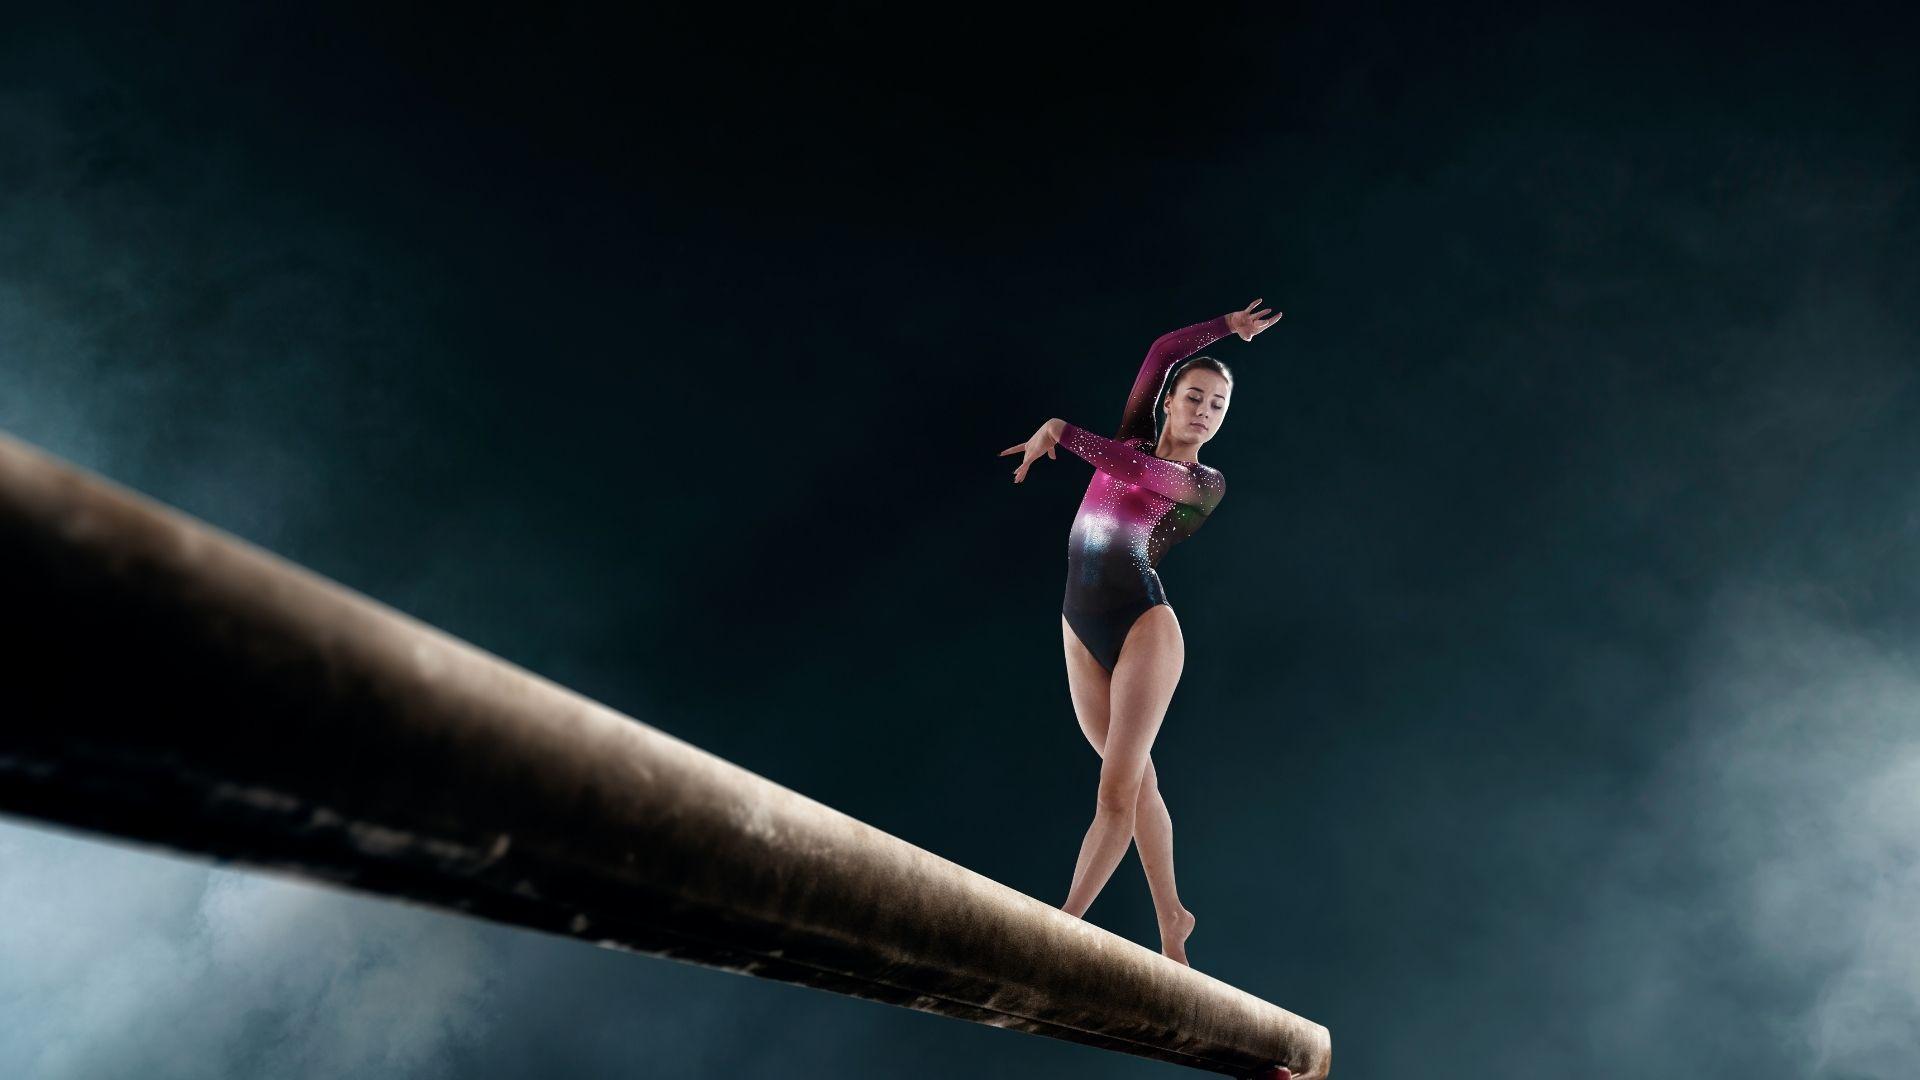 Ginástica tem variações: artística, rítmica e de trampolim (Shutterstock)